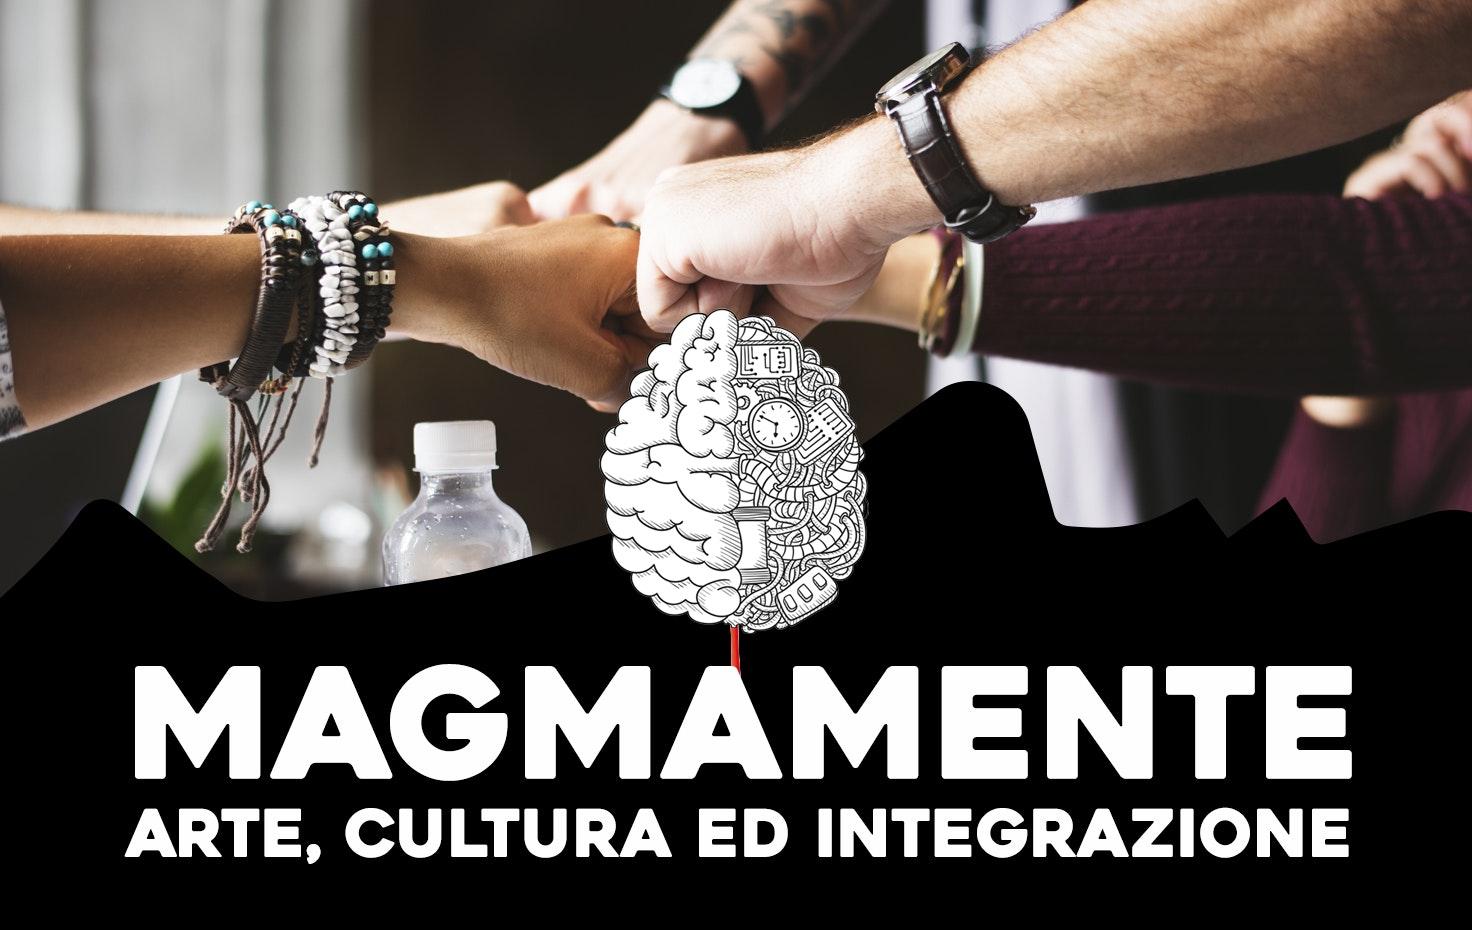 Magmamente : Arte, Cultura ed integrazione.